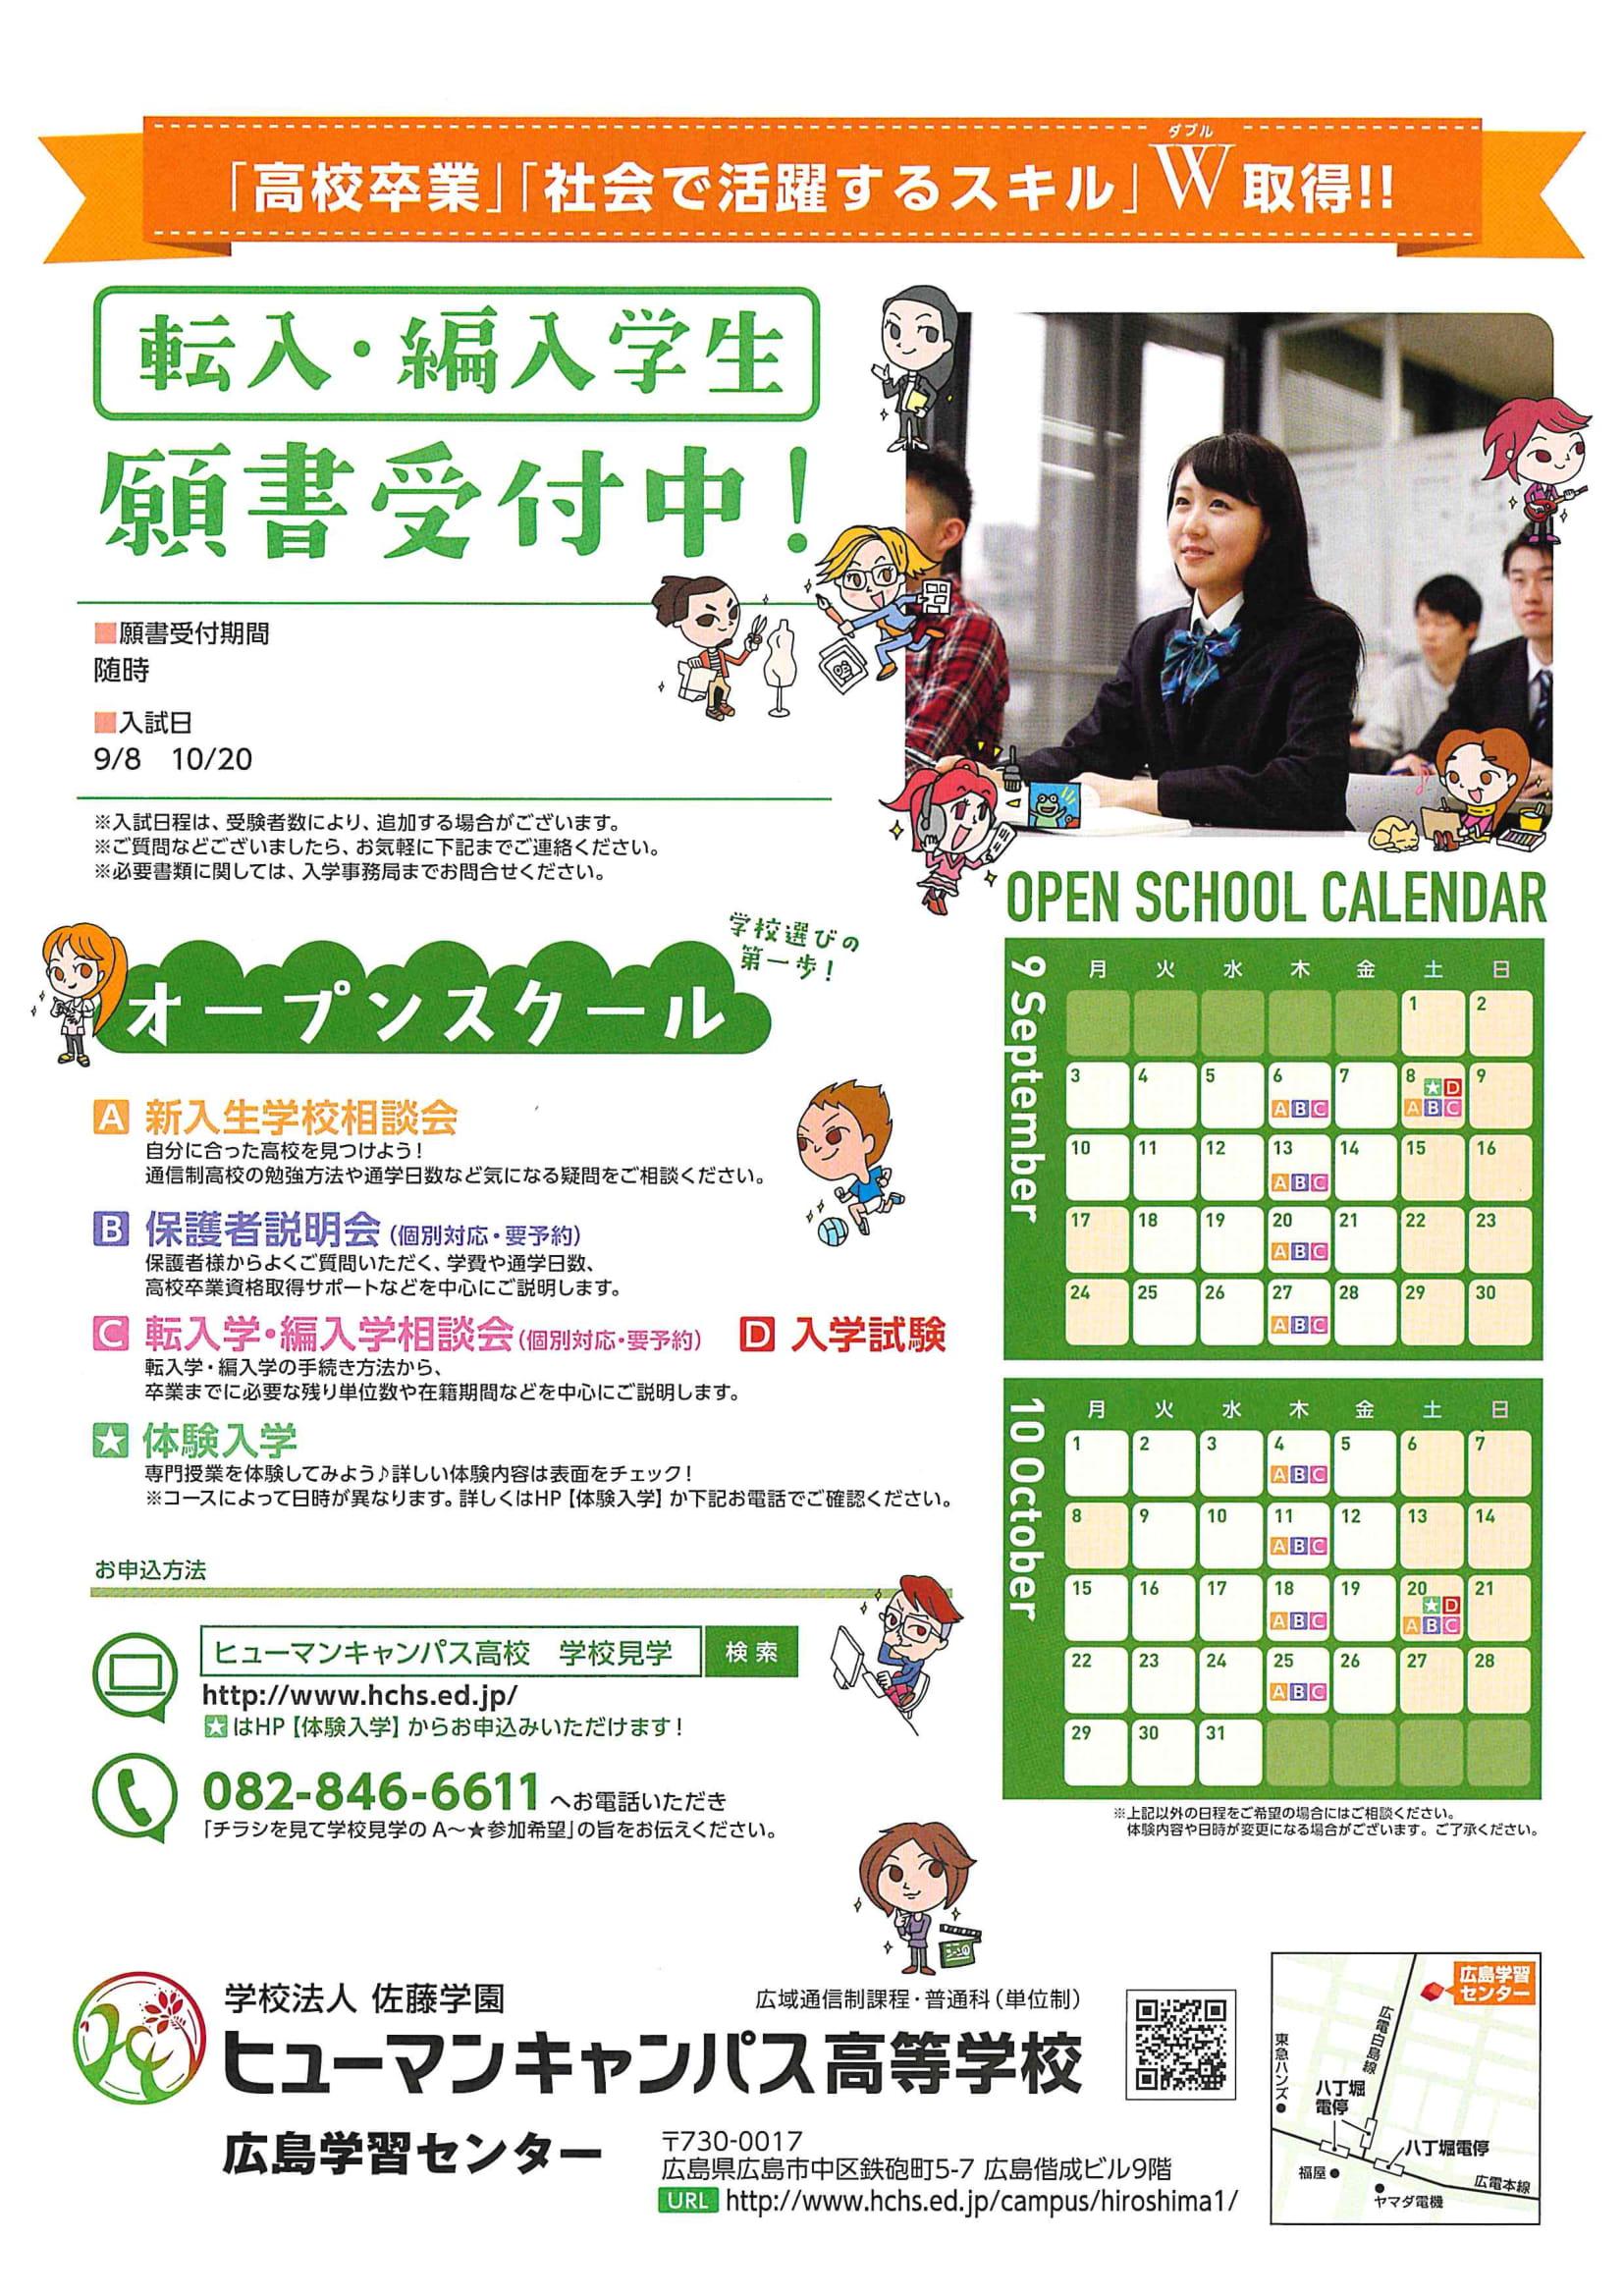 【広島】個別相談会のお知らせ!